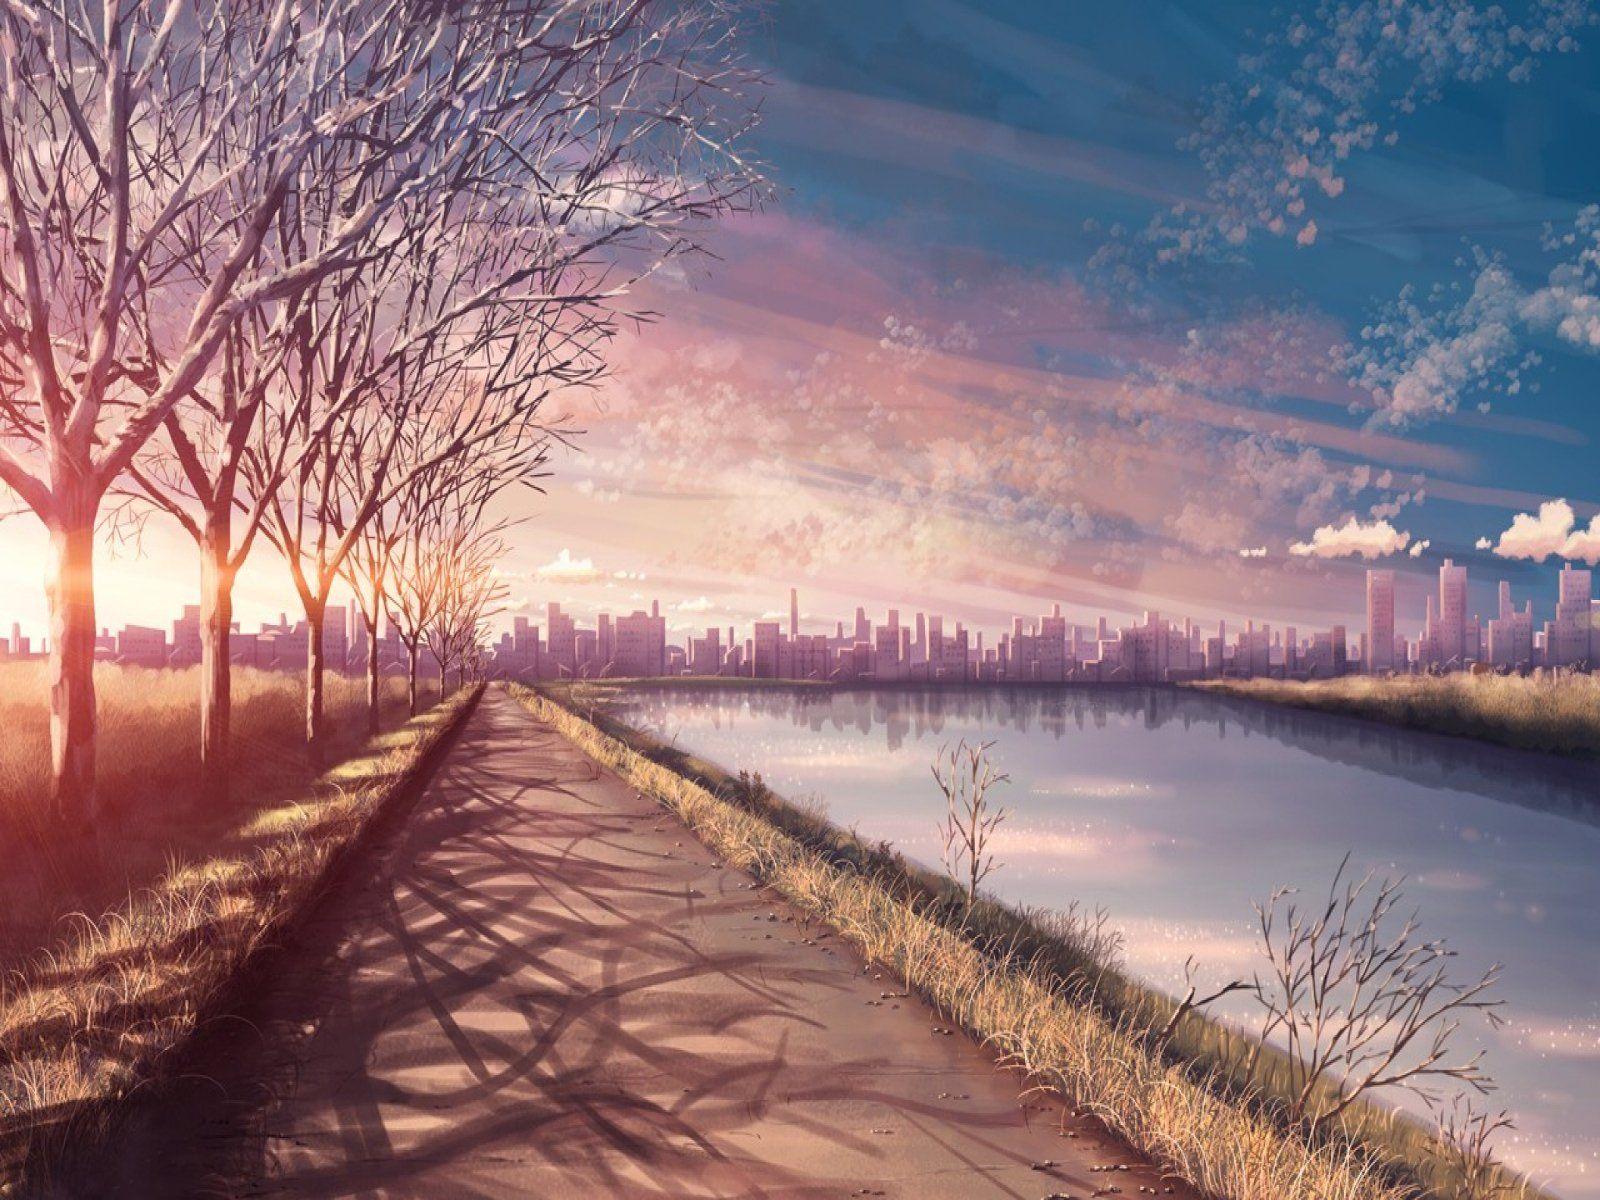 Anime Original Landscape Sunset Sky Cloud Tree City River